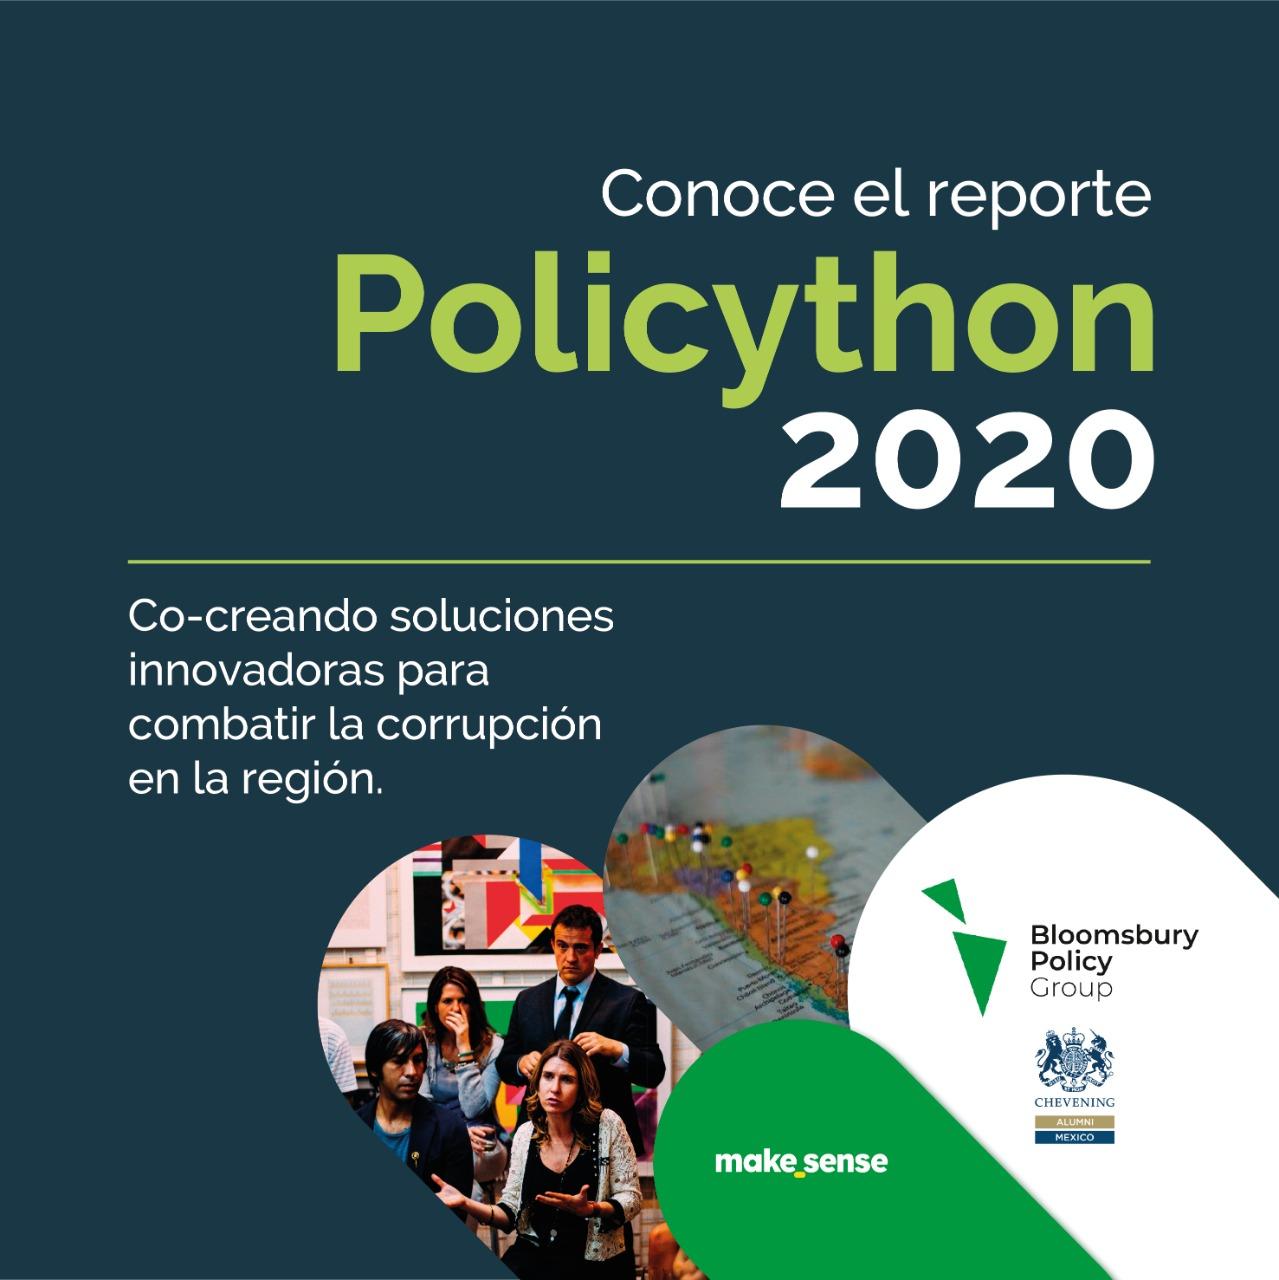 Policython 2020 – Co-creando soluciones innovadoras para combatir la corrupción en la región.